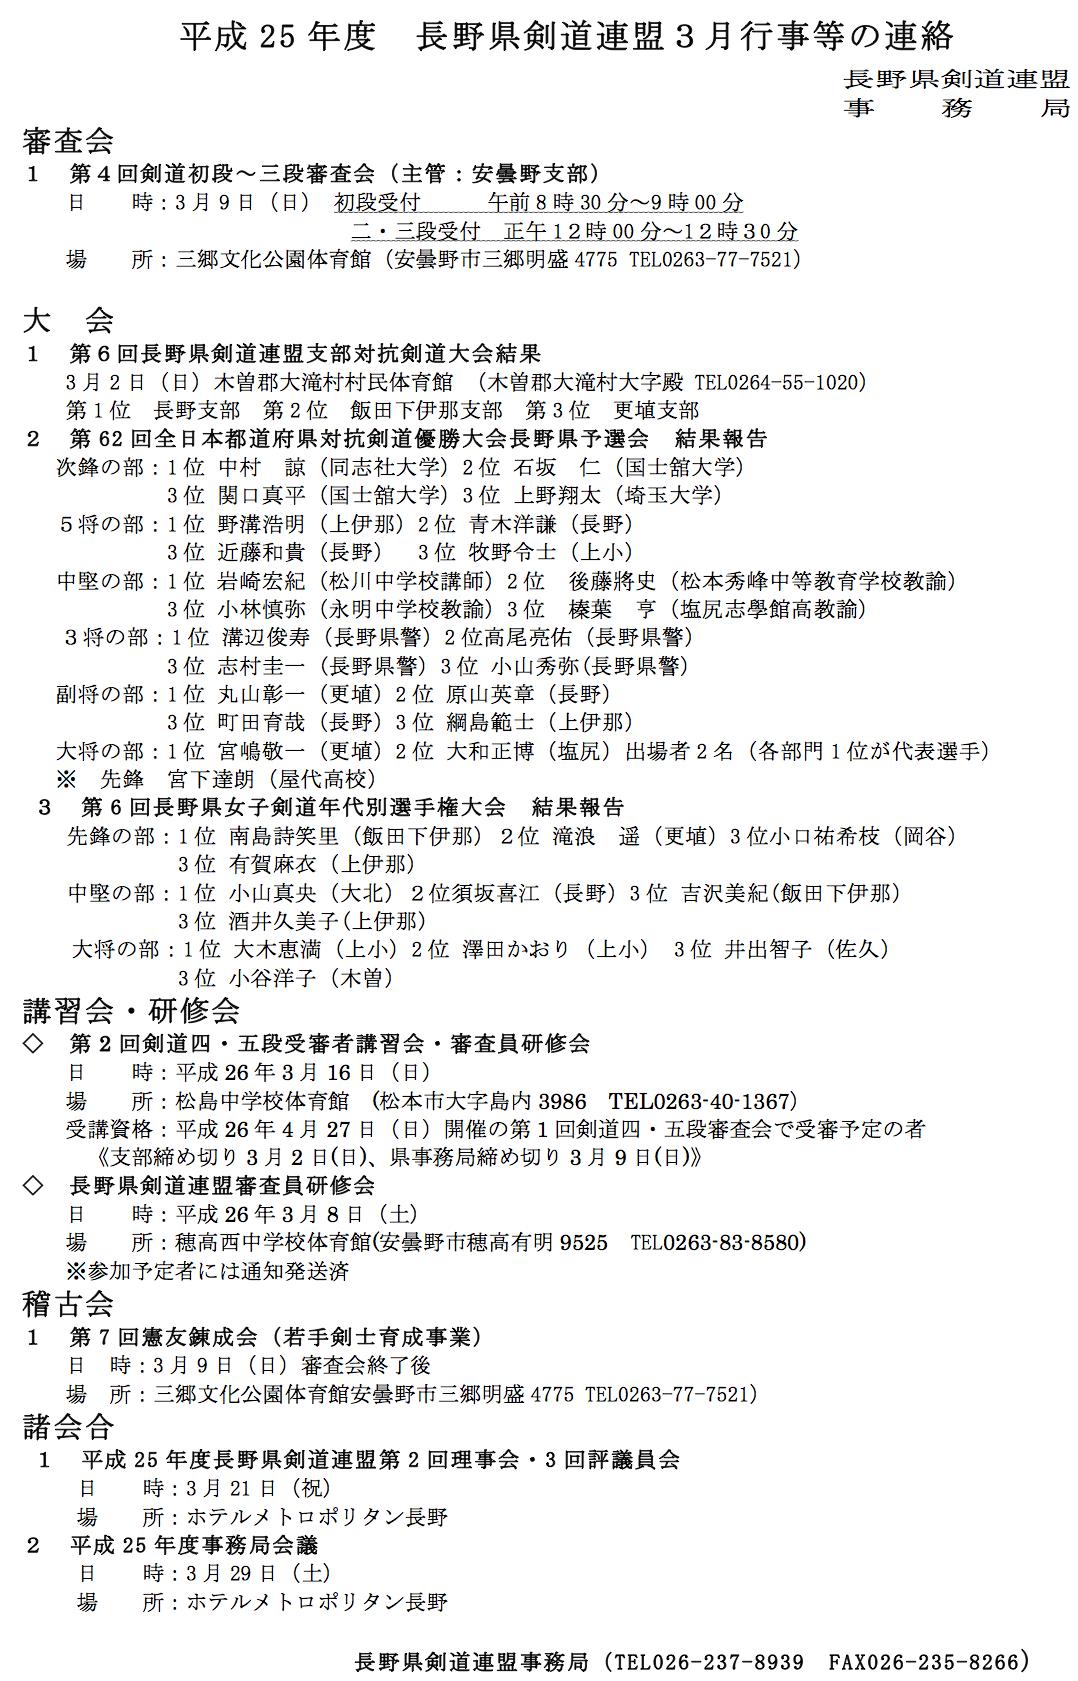 140302_kengyouji